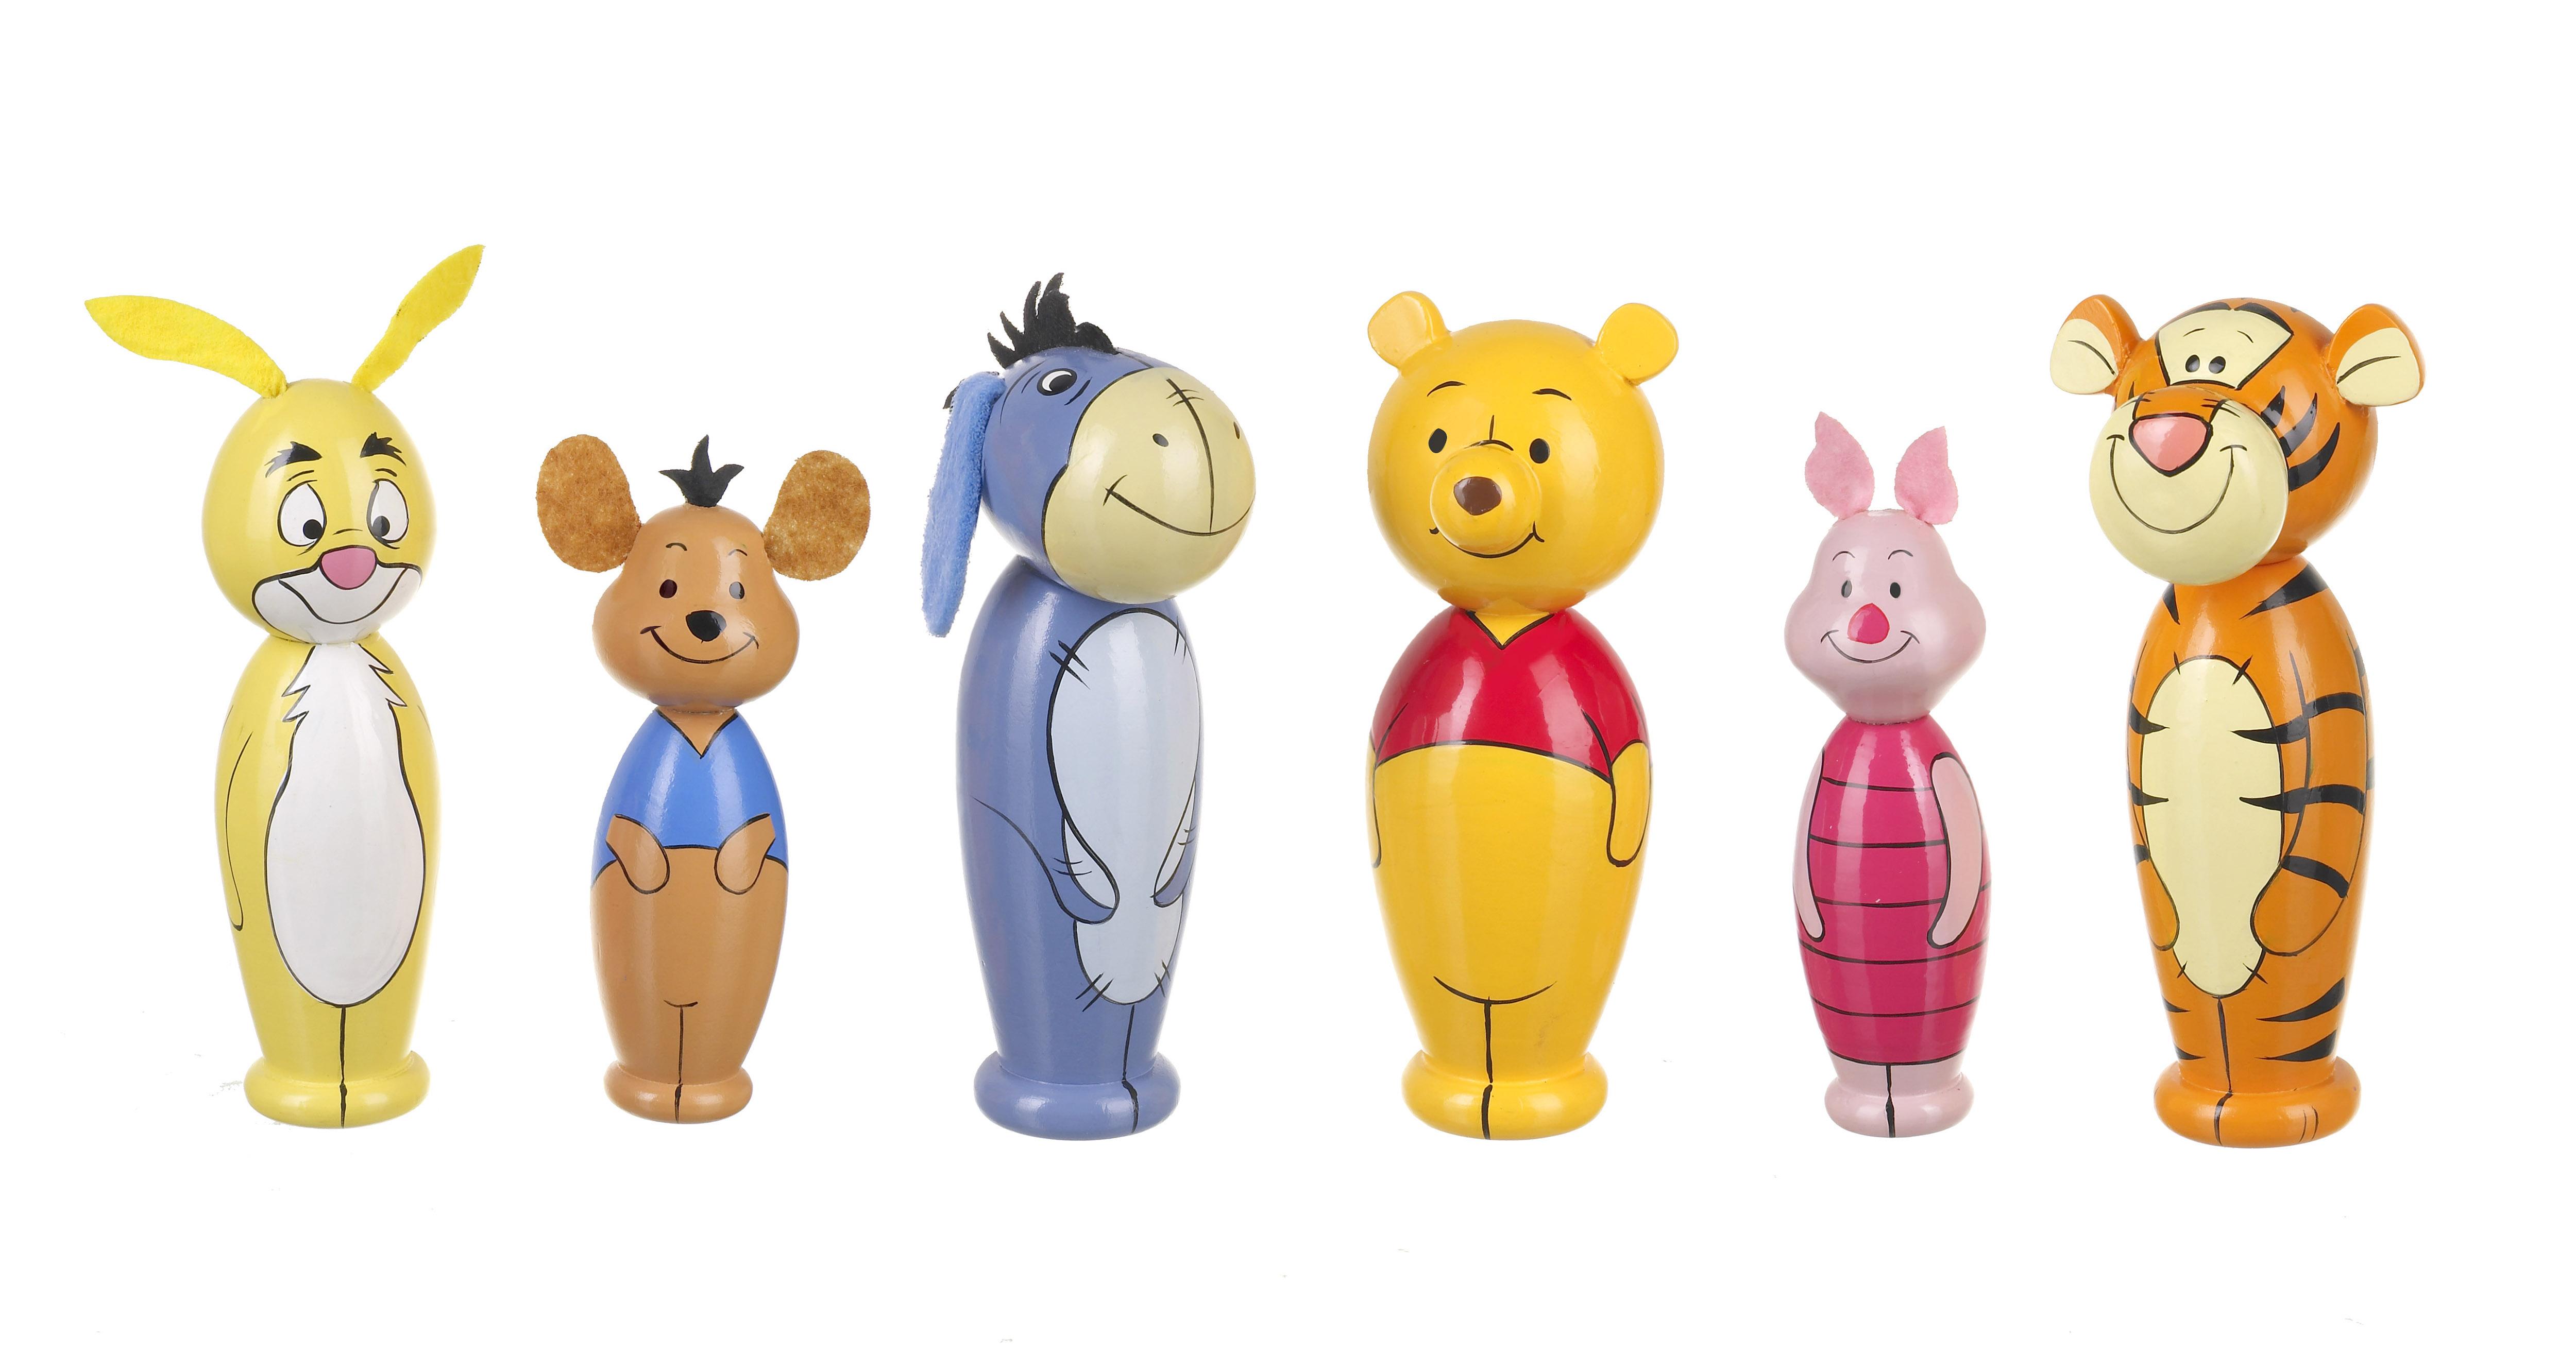 Дървен мини боулинг - Мечо Пух Disney от Orange Tree Toys - Беллами